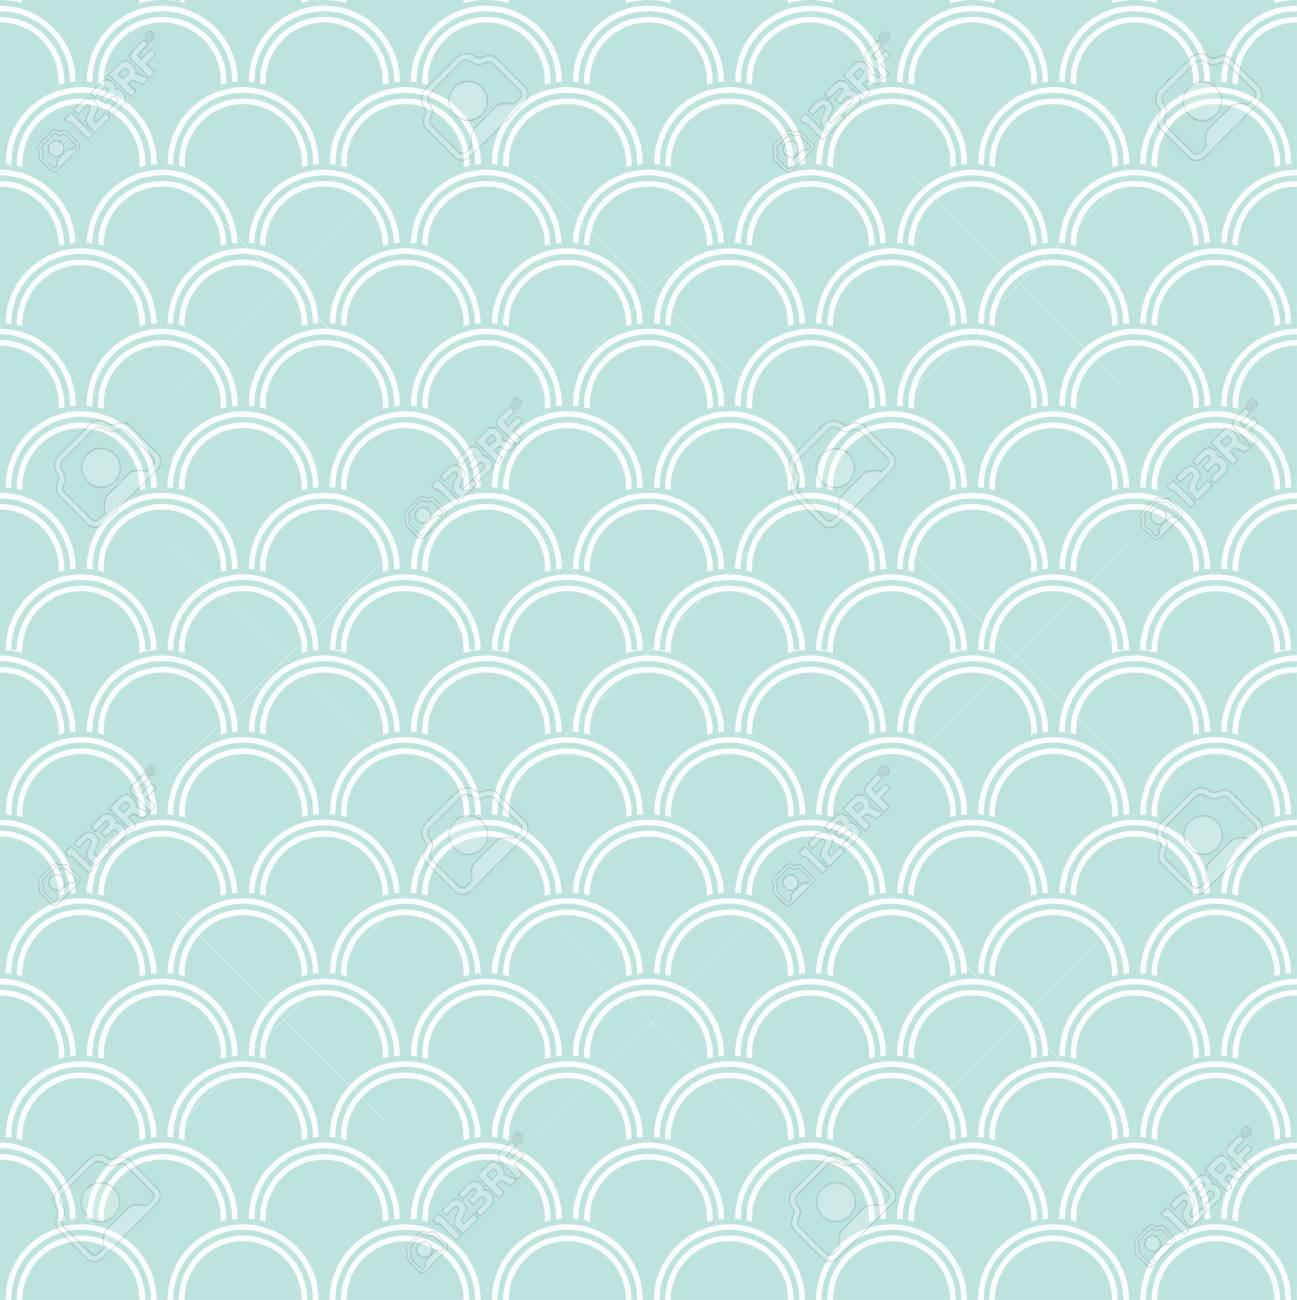 Seamless wave pattern - 114708483